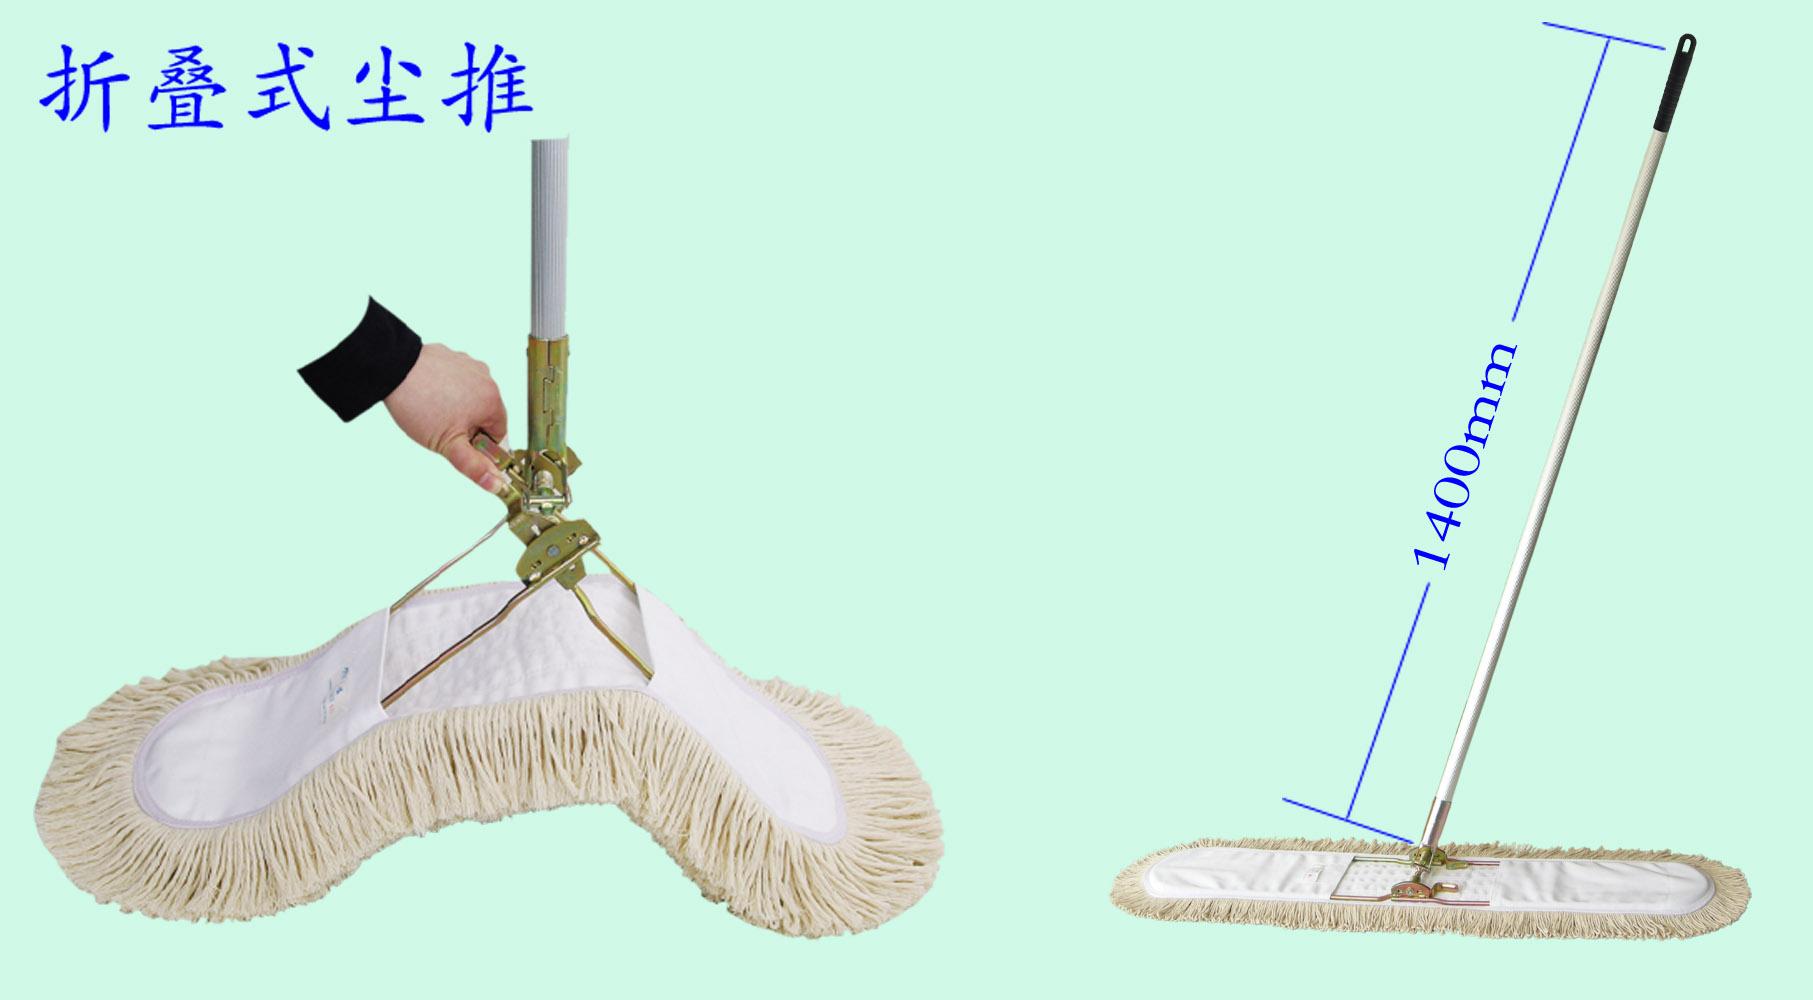 大连天佐清洁用品有限公司五大系列产品